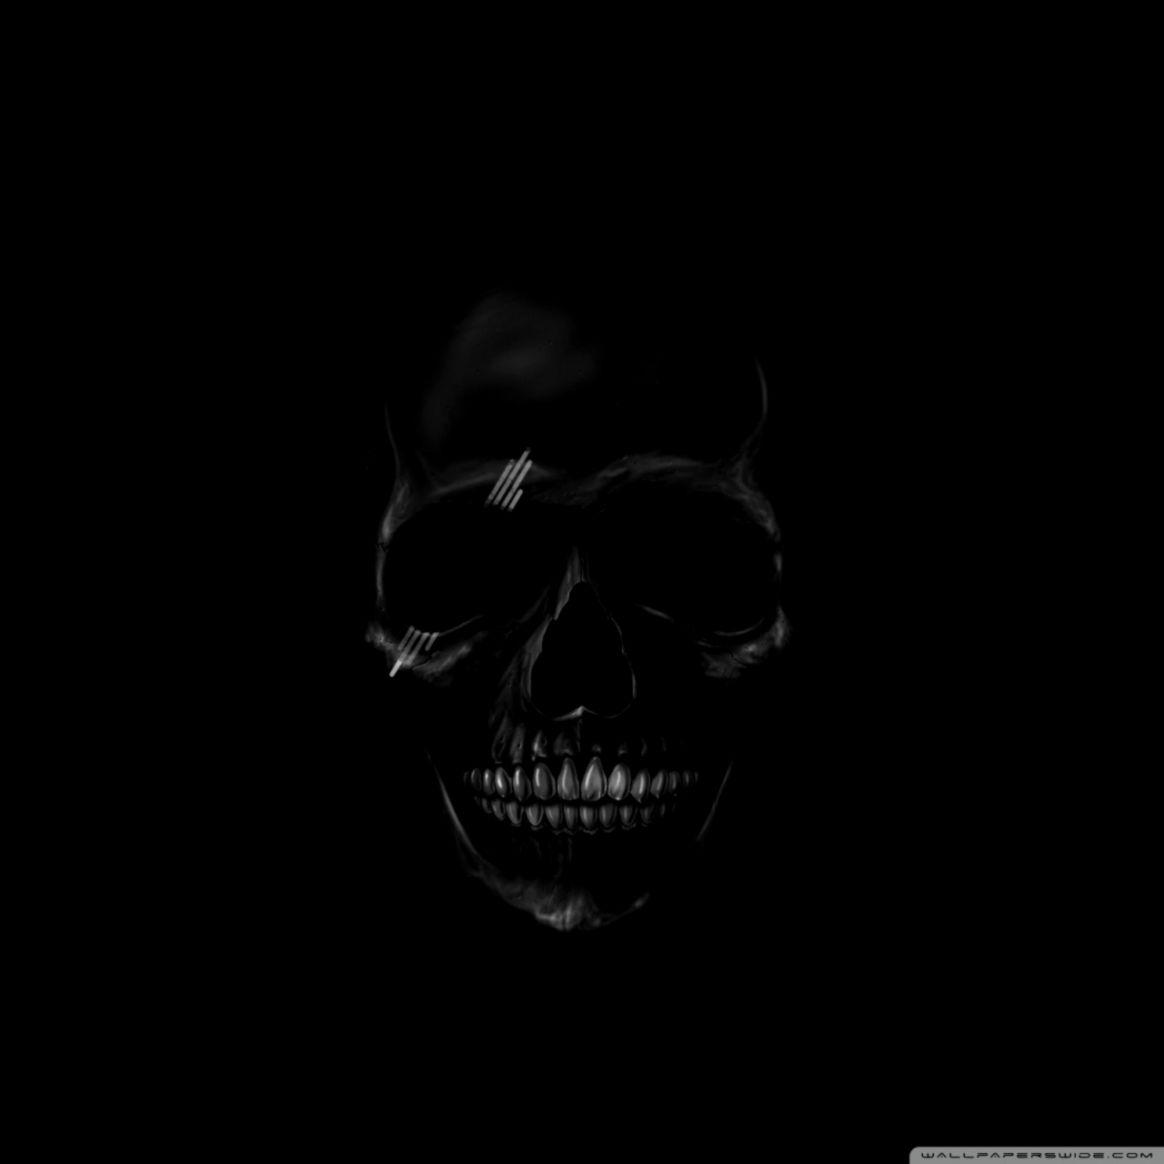 Dark 4k Wallpaper Android